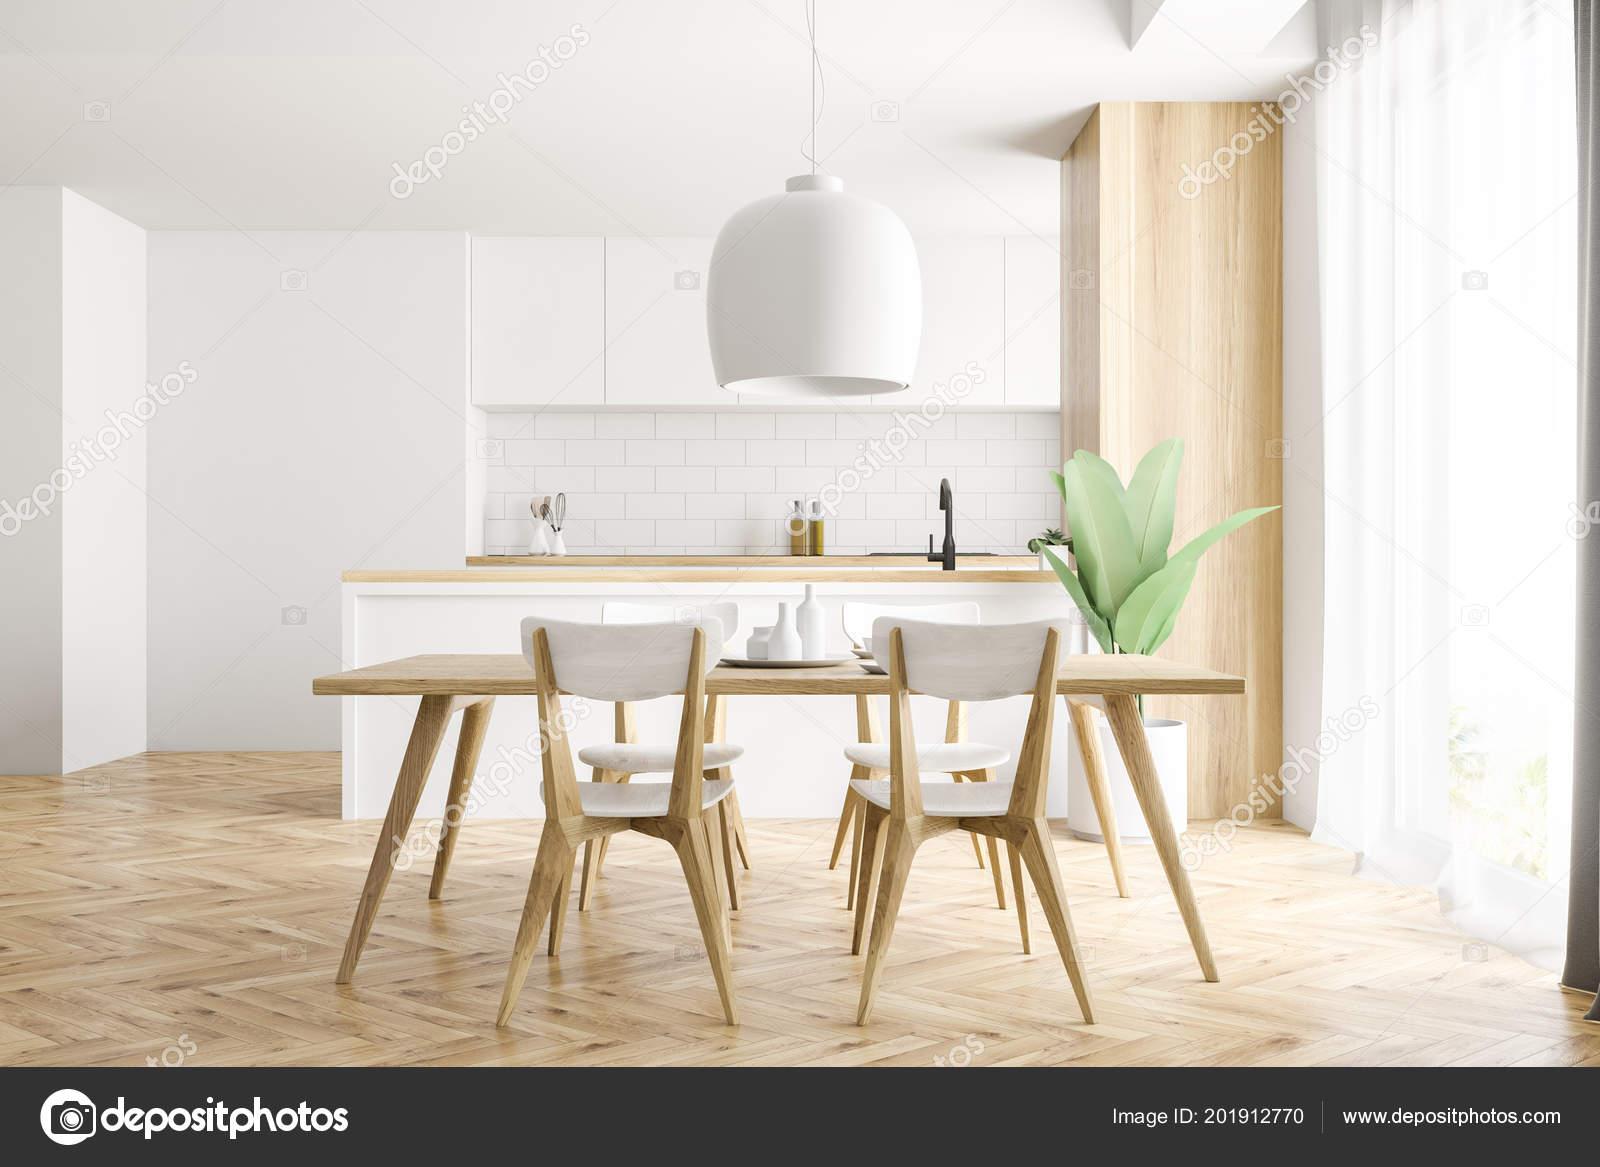 Fußboden Holz Weiß ~ Genial fußboden pvc ehrfurchtiges kleines boden badezimmer grau